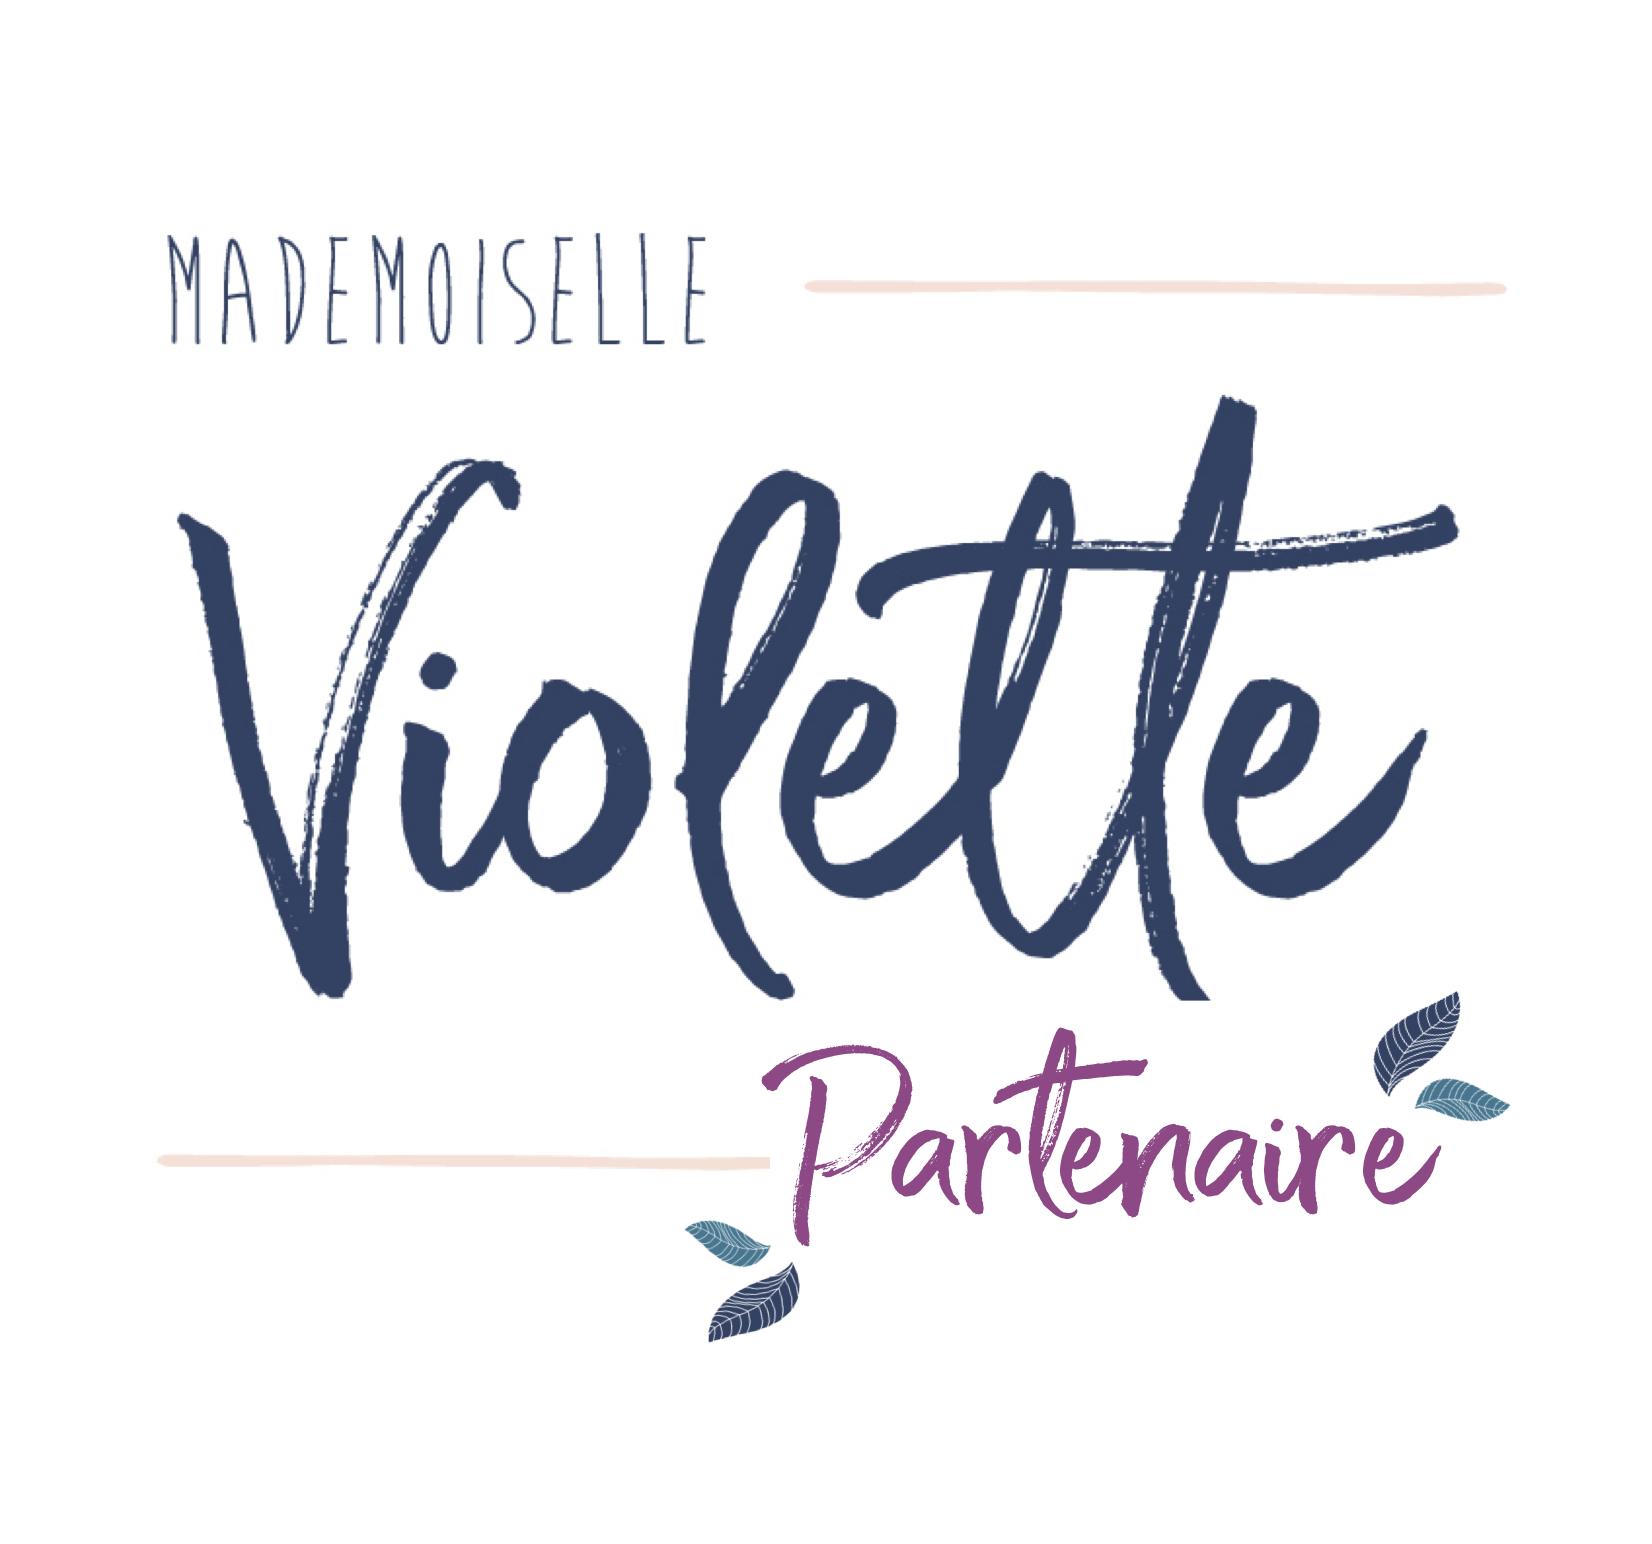 M'zelle Violette Partenariat